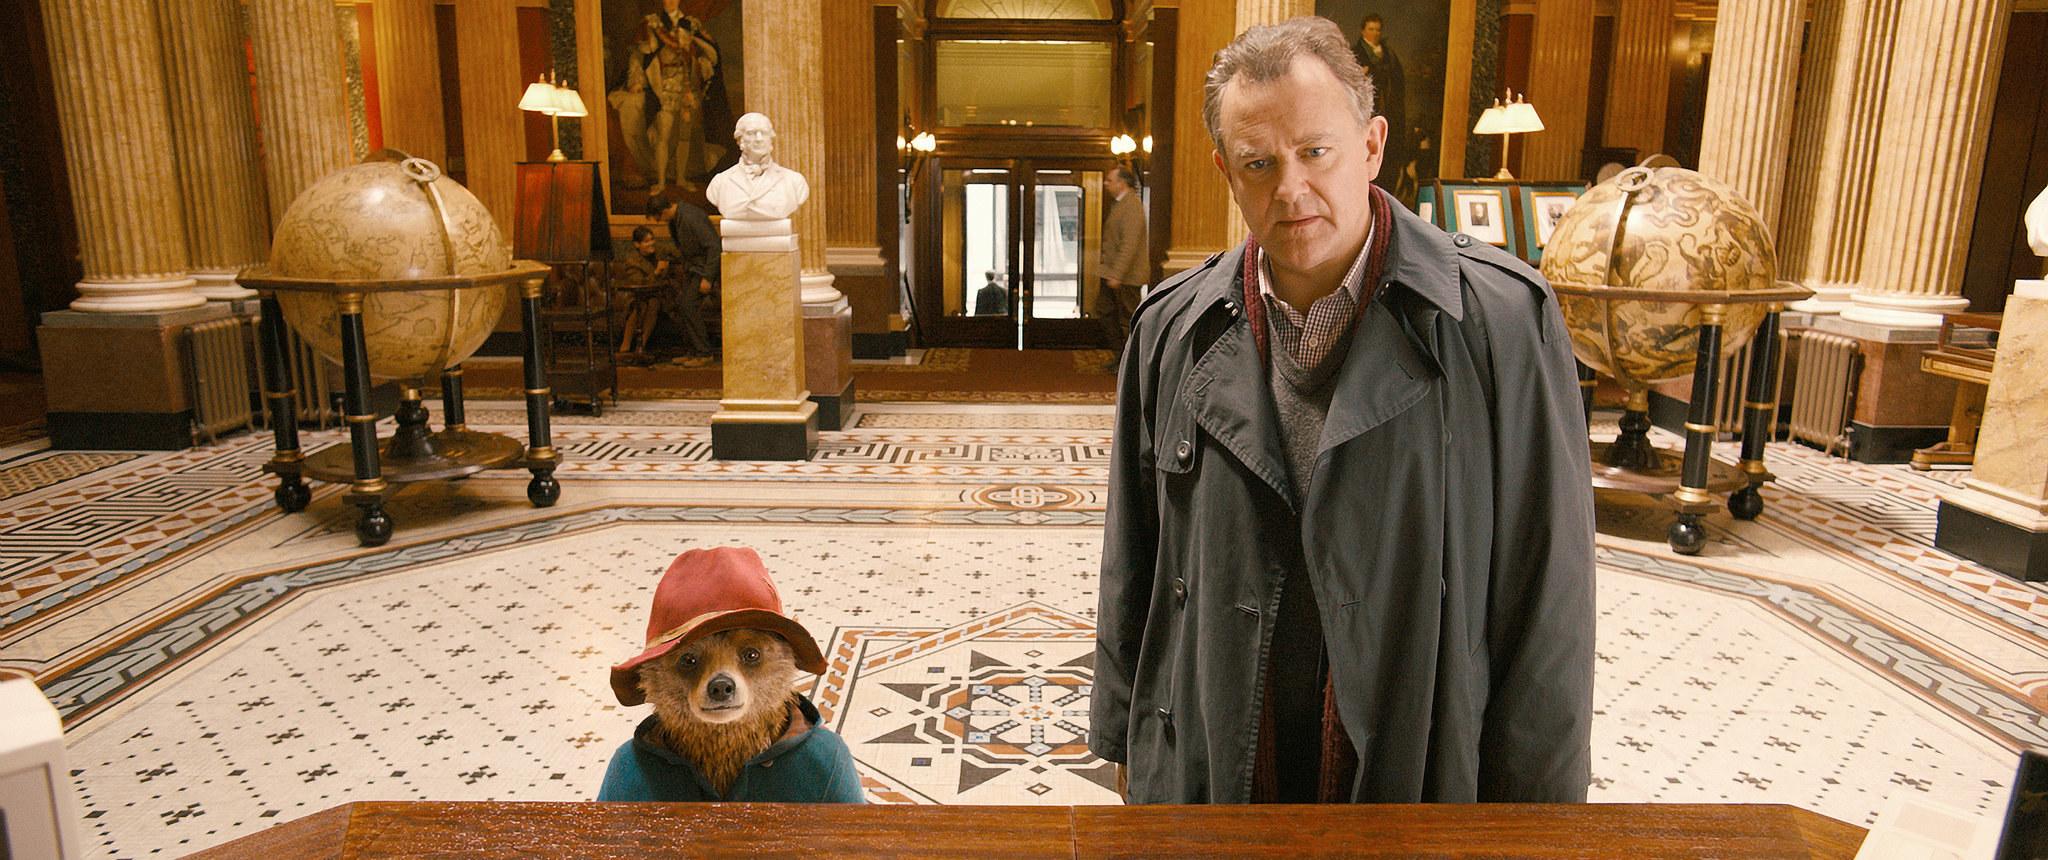 Paddington standing next to Mr Brown